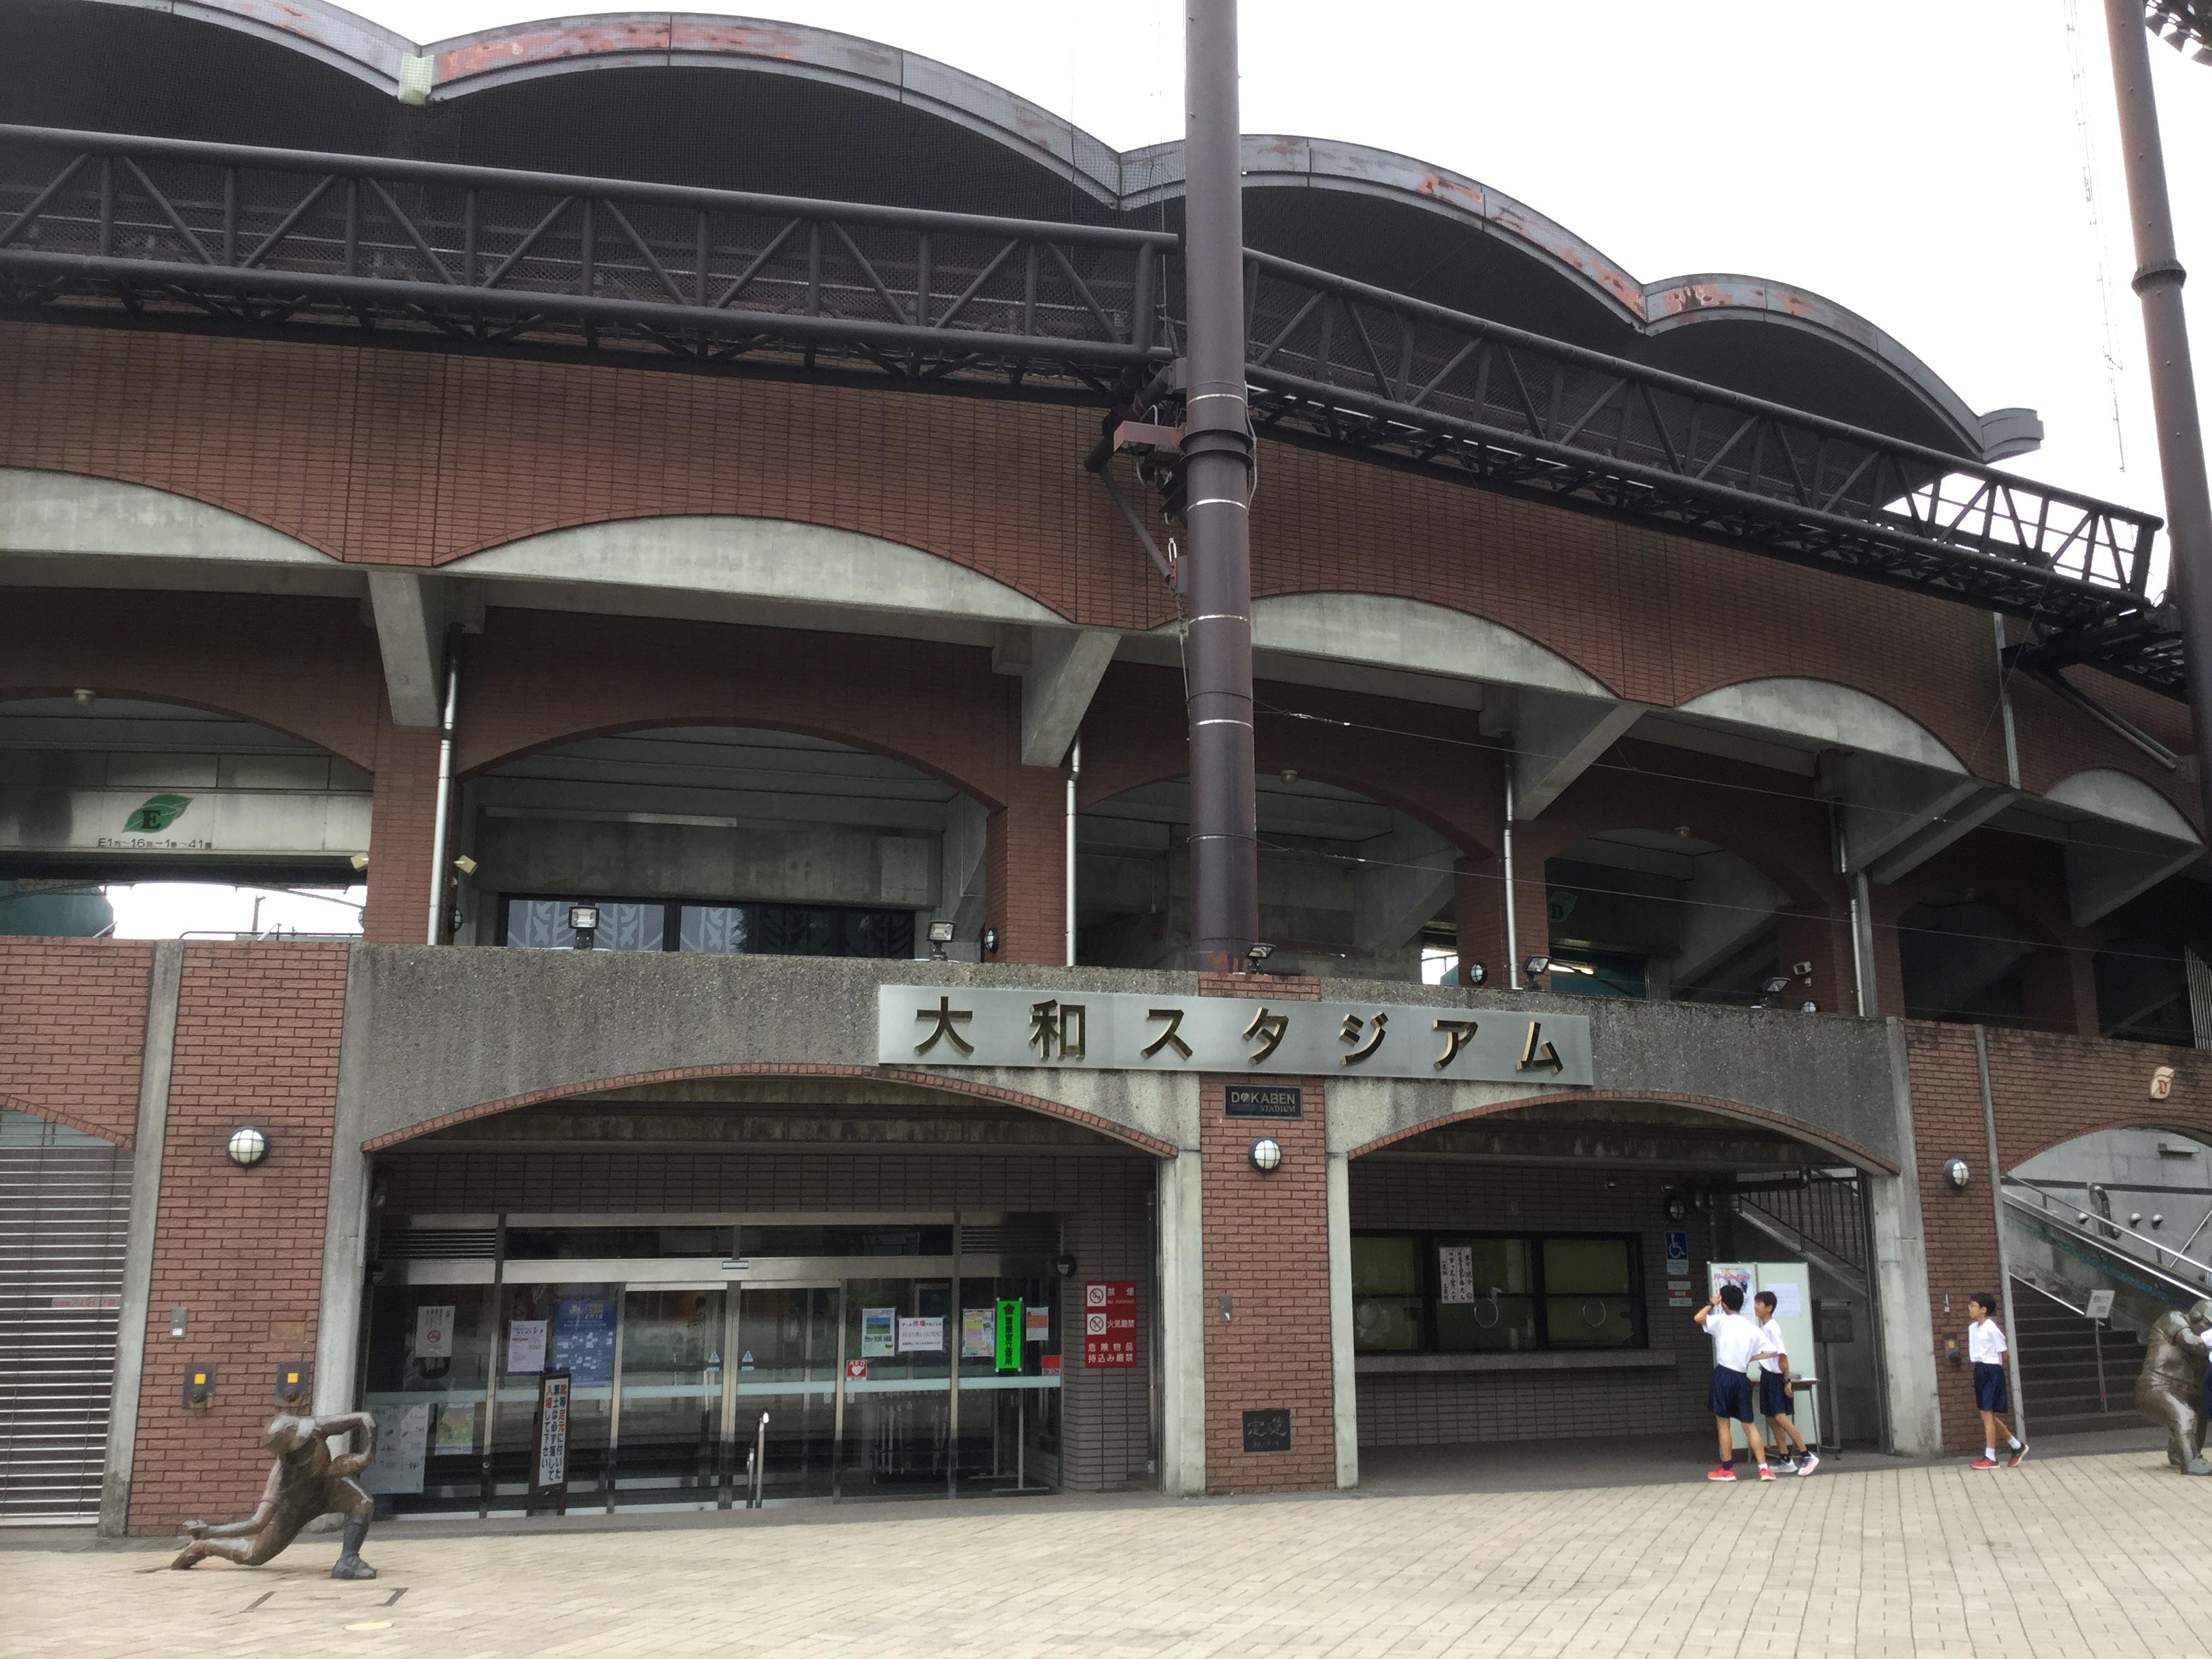 2019秋季神奈川県大会 慶應義塾 海老名 大和スタジアム